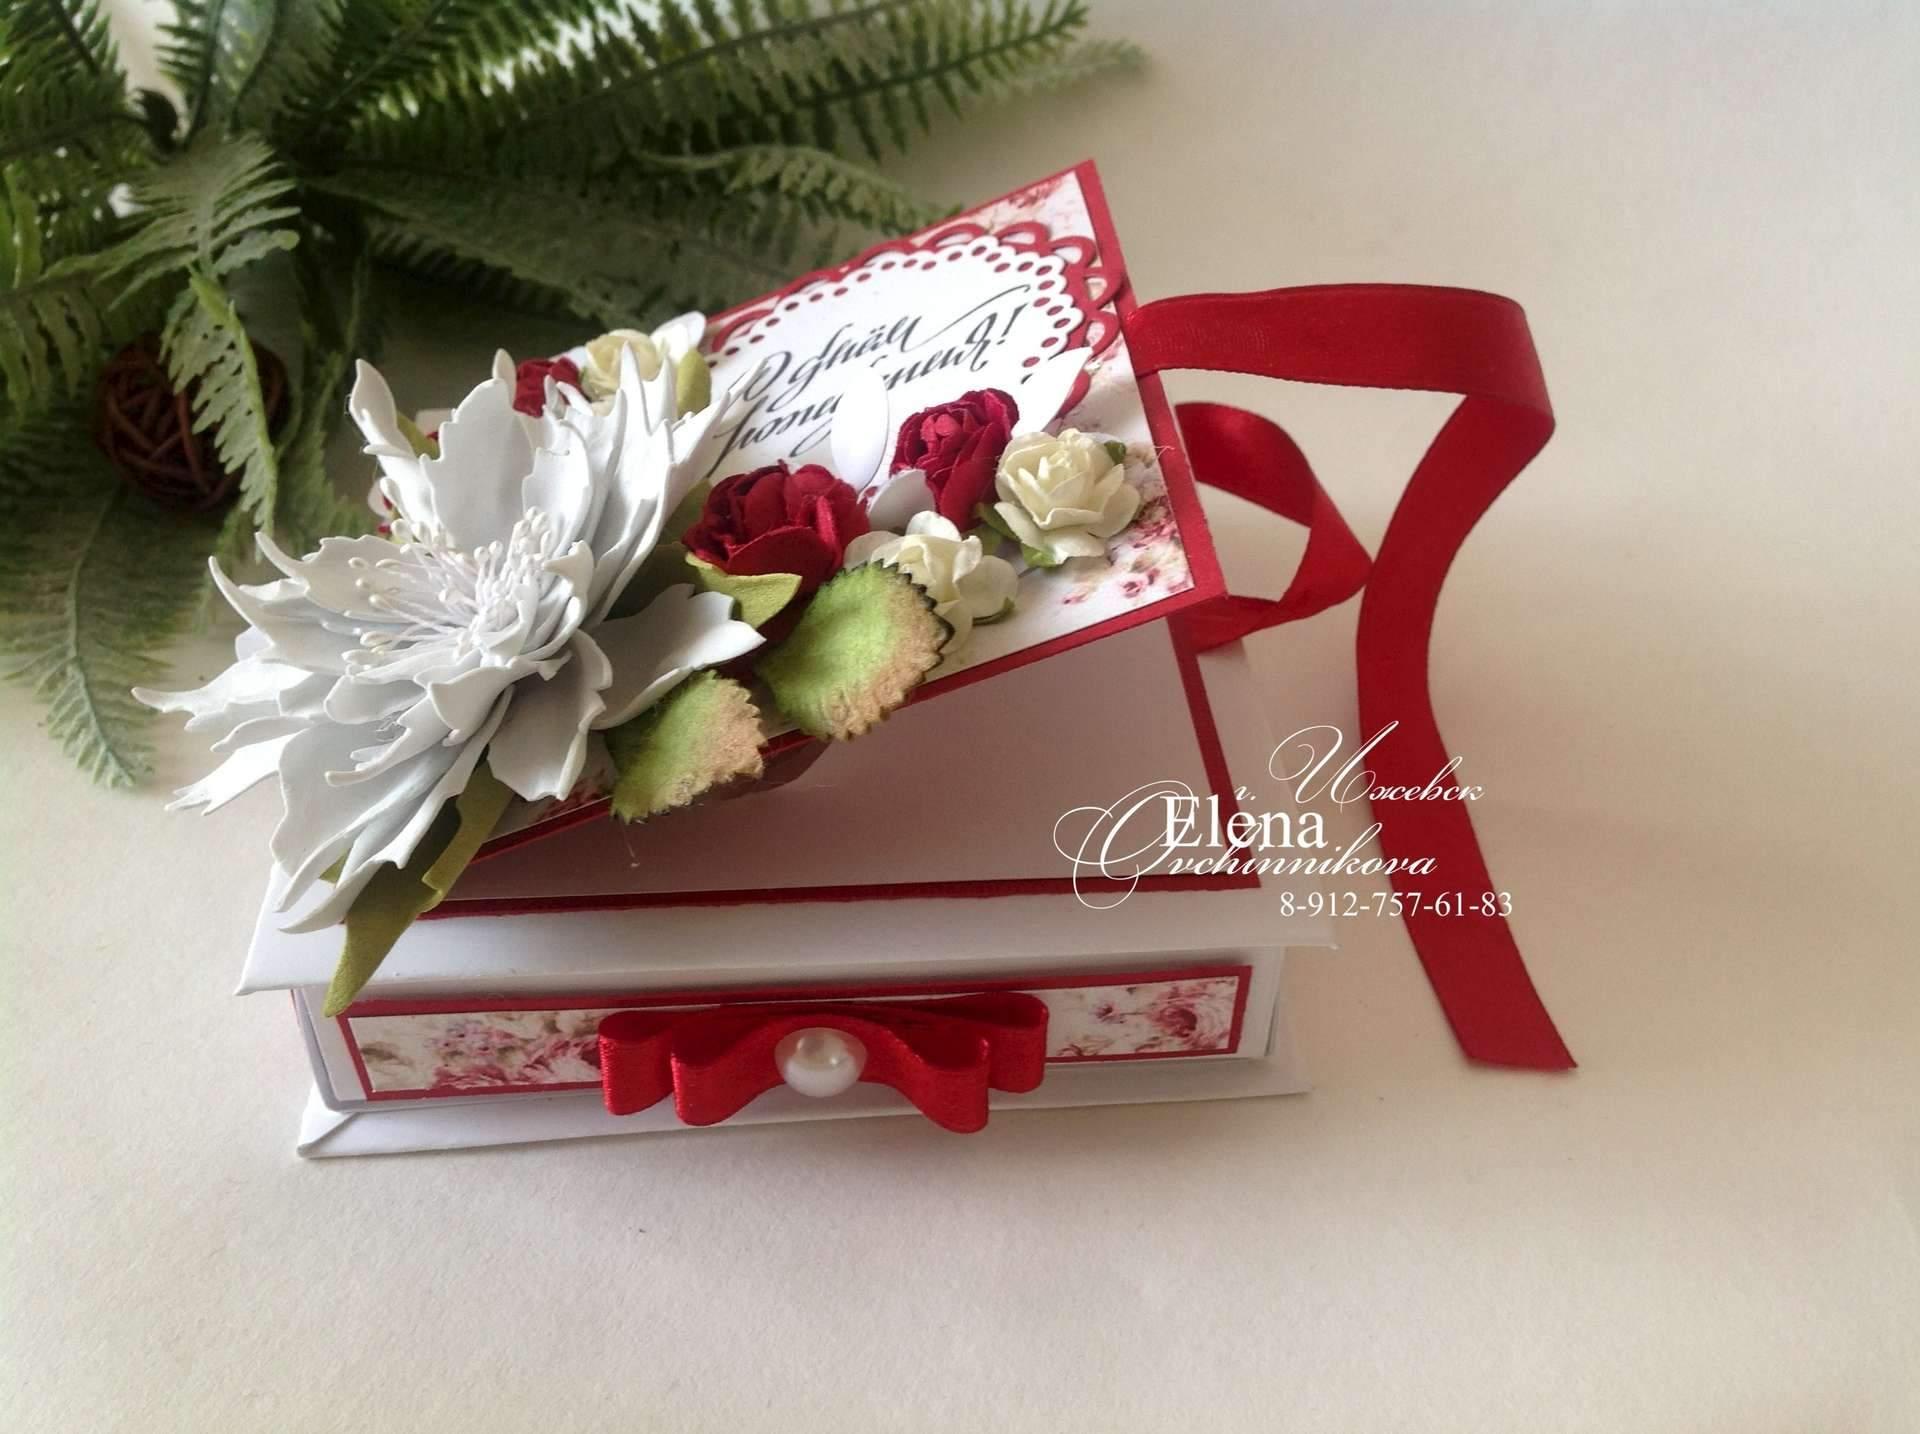 Как оформить конфеты в коробке своими руками